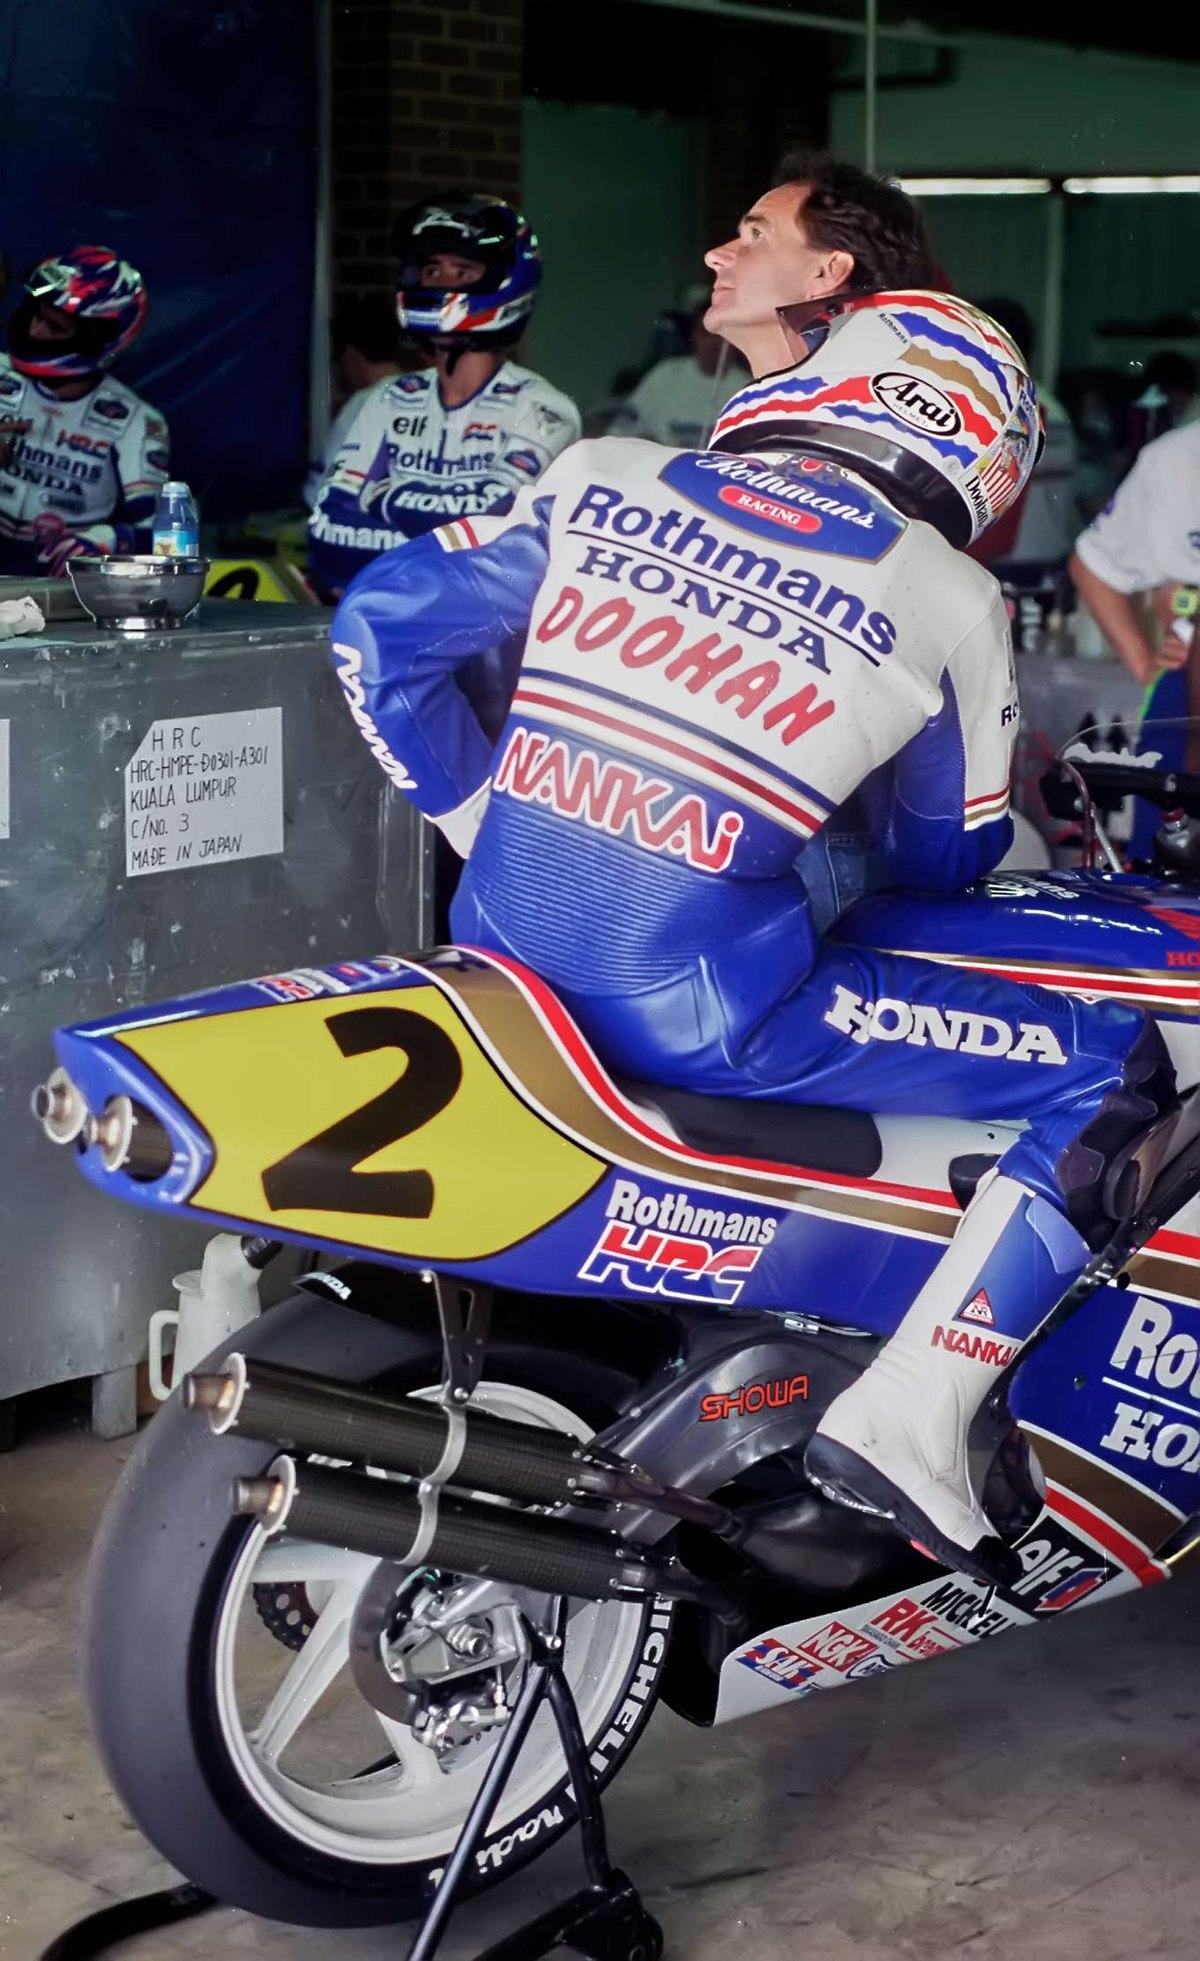 Temporada 1989 del Campeonato del Mundo de Motociclismo